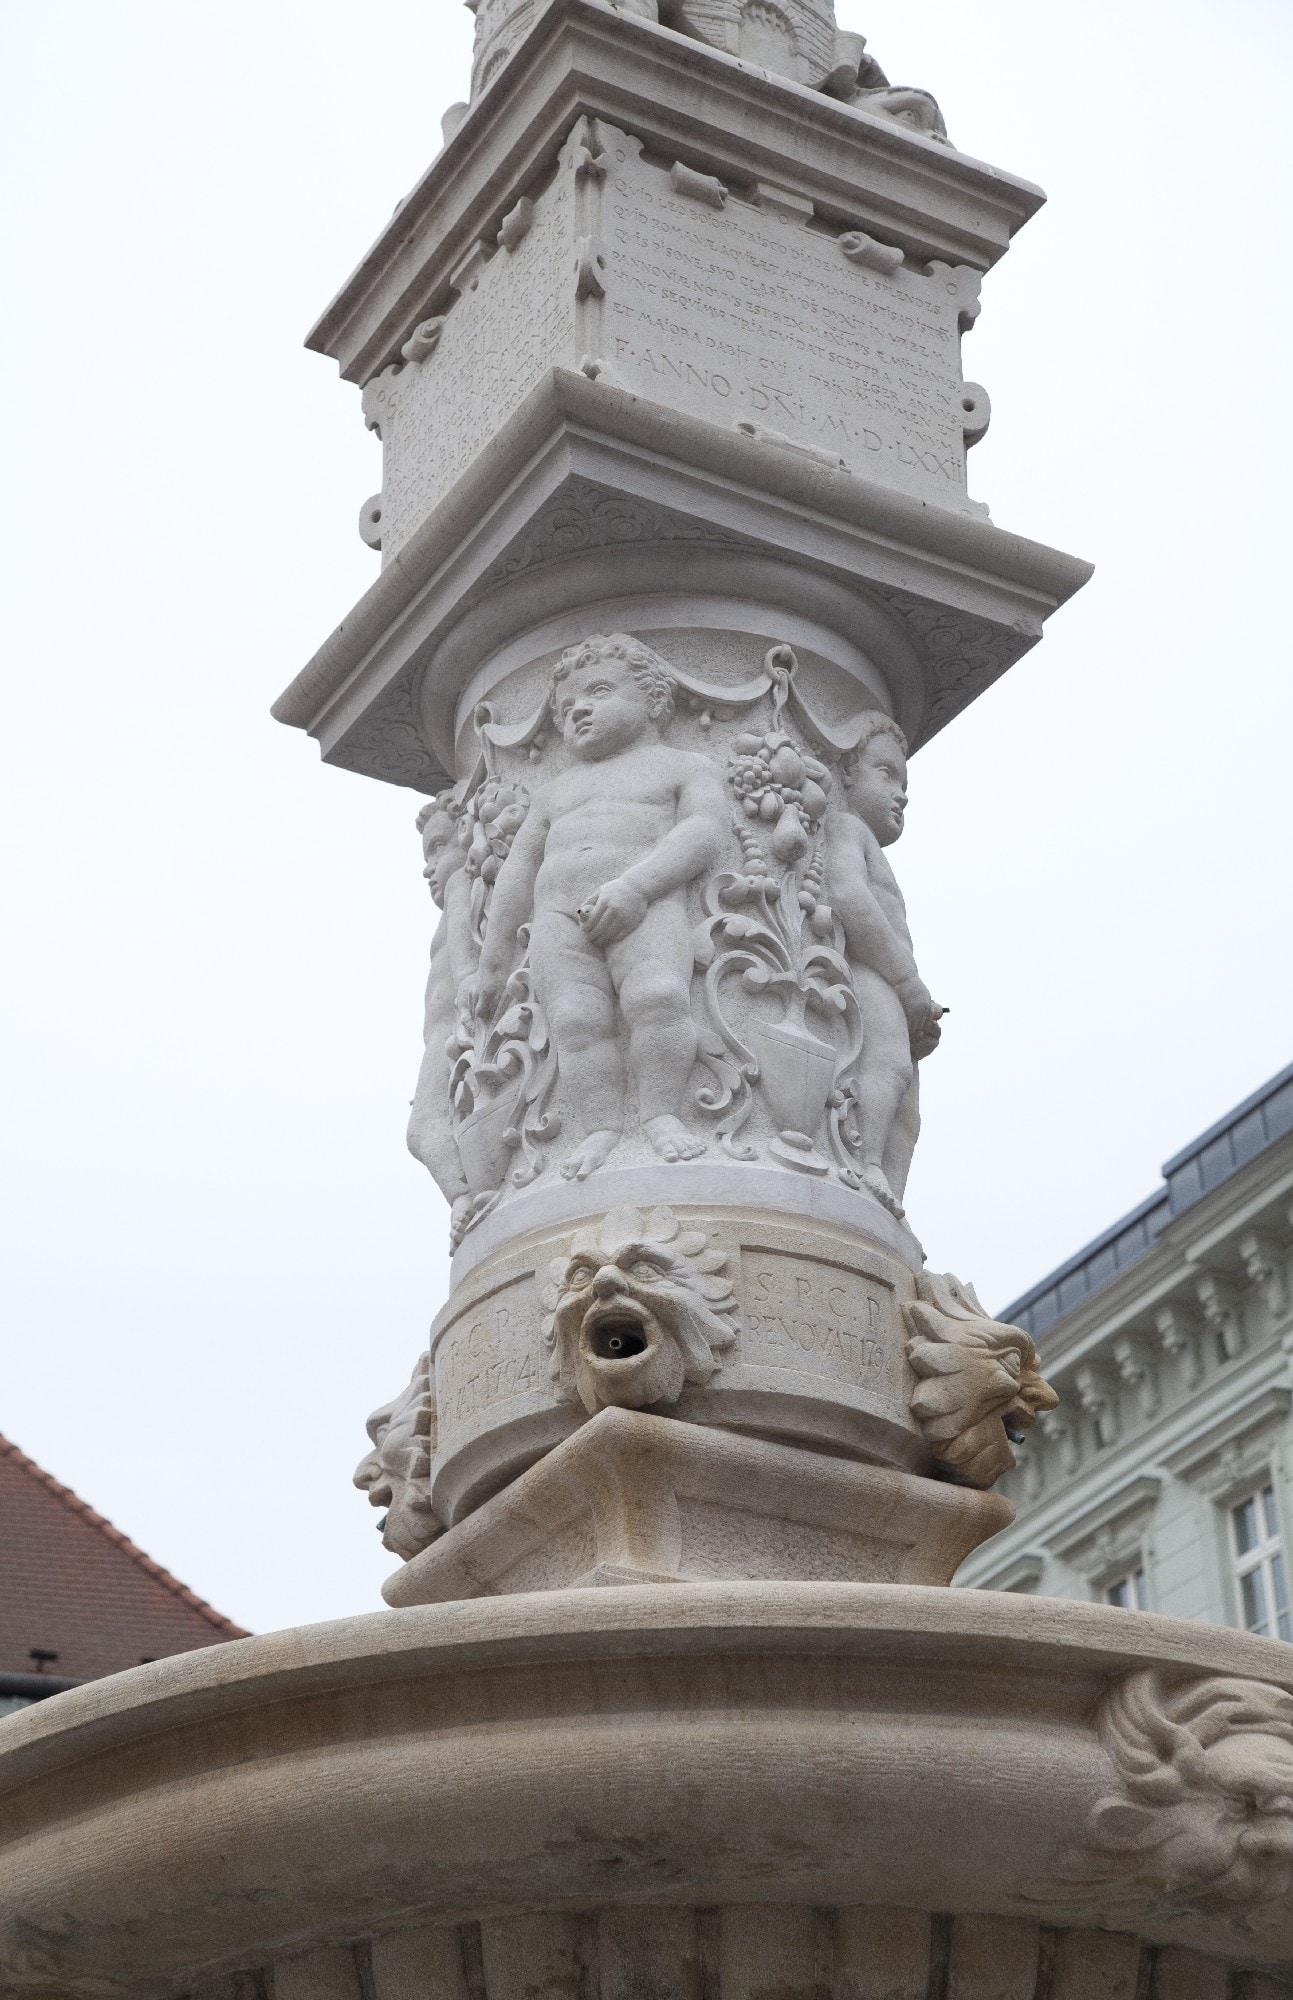 Mapei-referencia-rolandova-fontana (2)